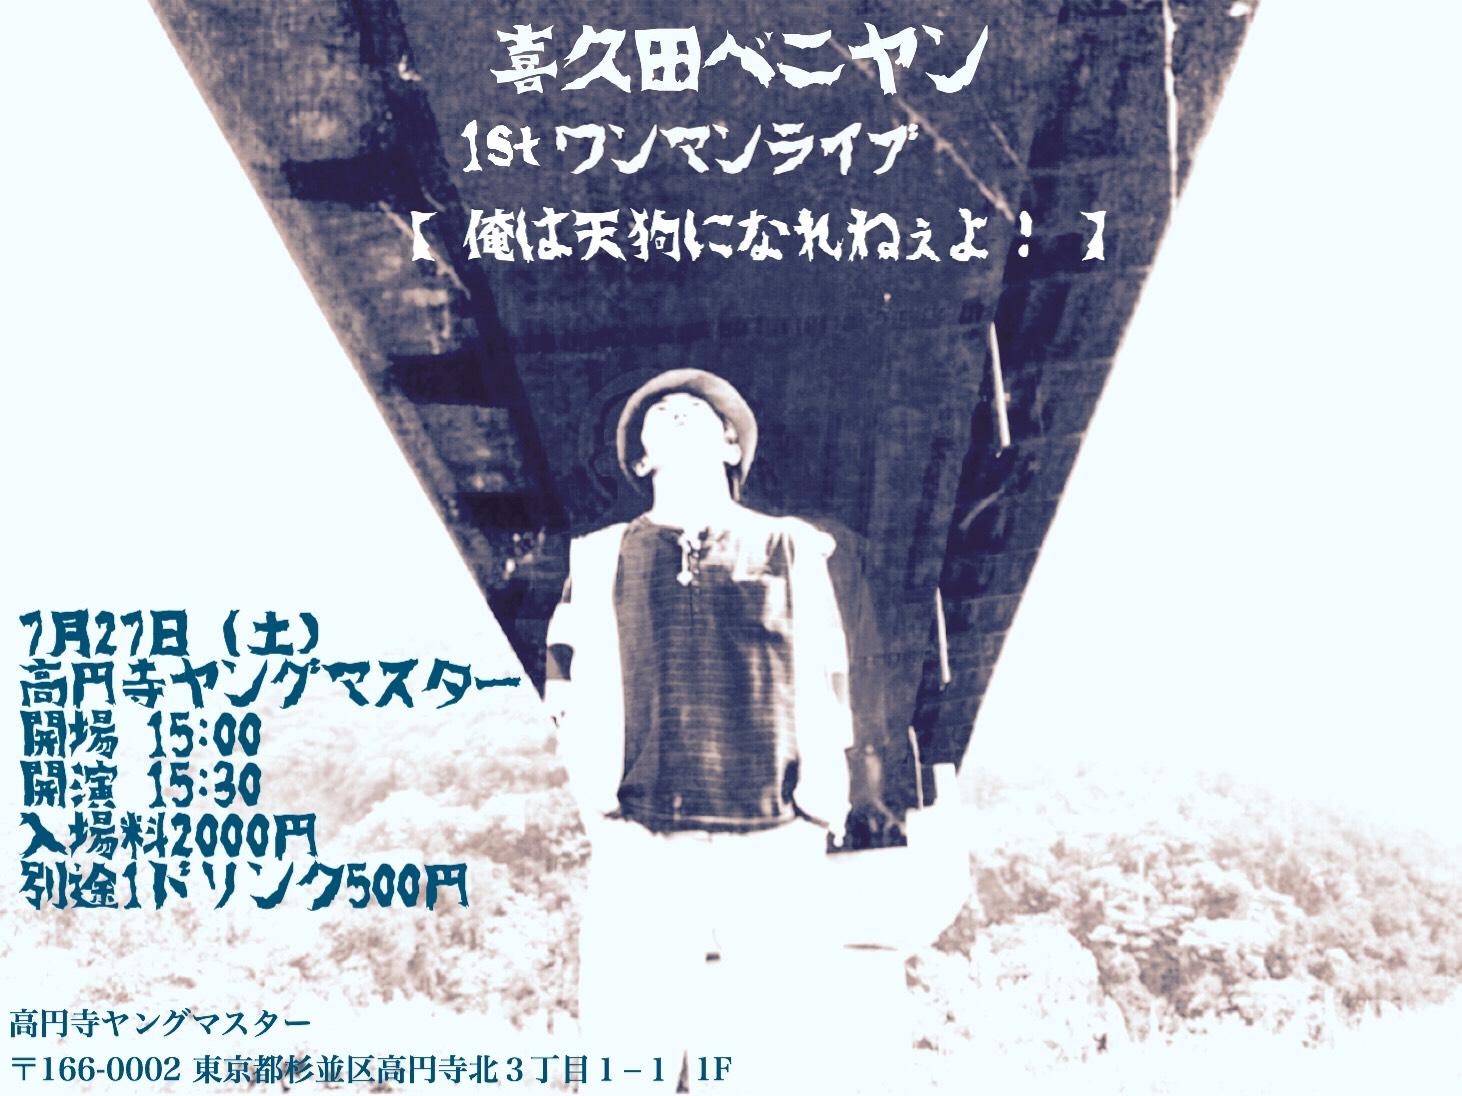 7/27 (土)  喜久田ベニヤン   1stワンマンライブ 「俺は天狗になれねぇよ!」